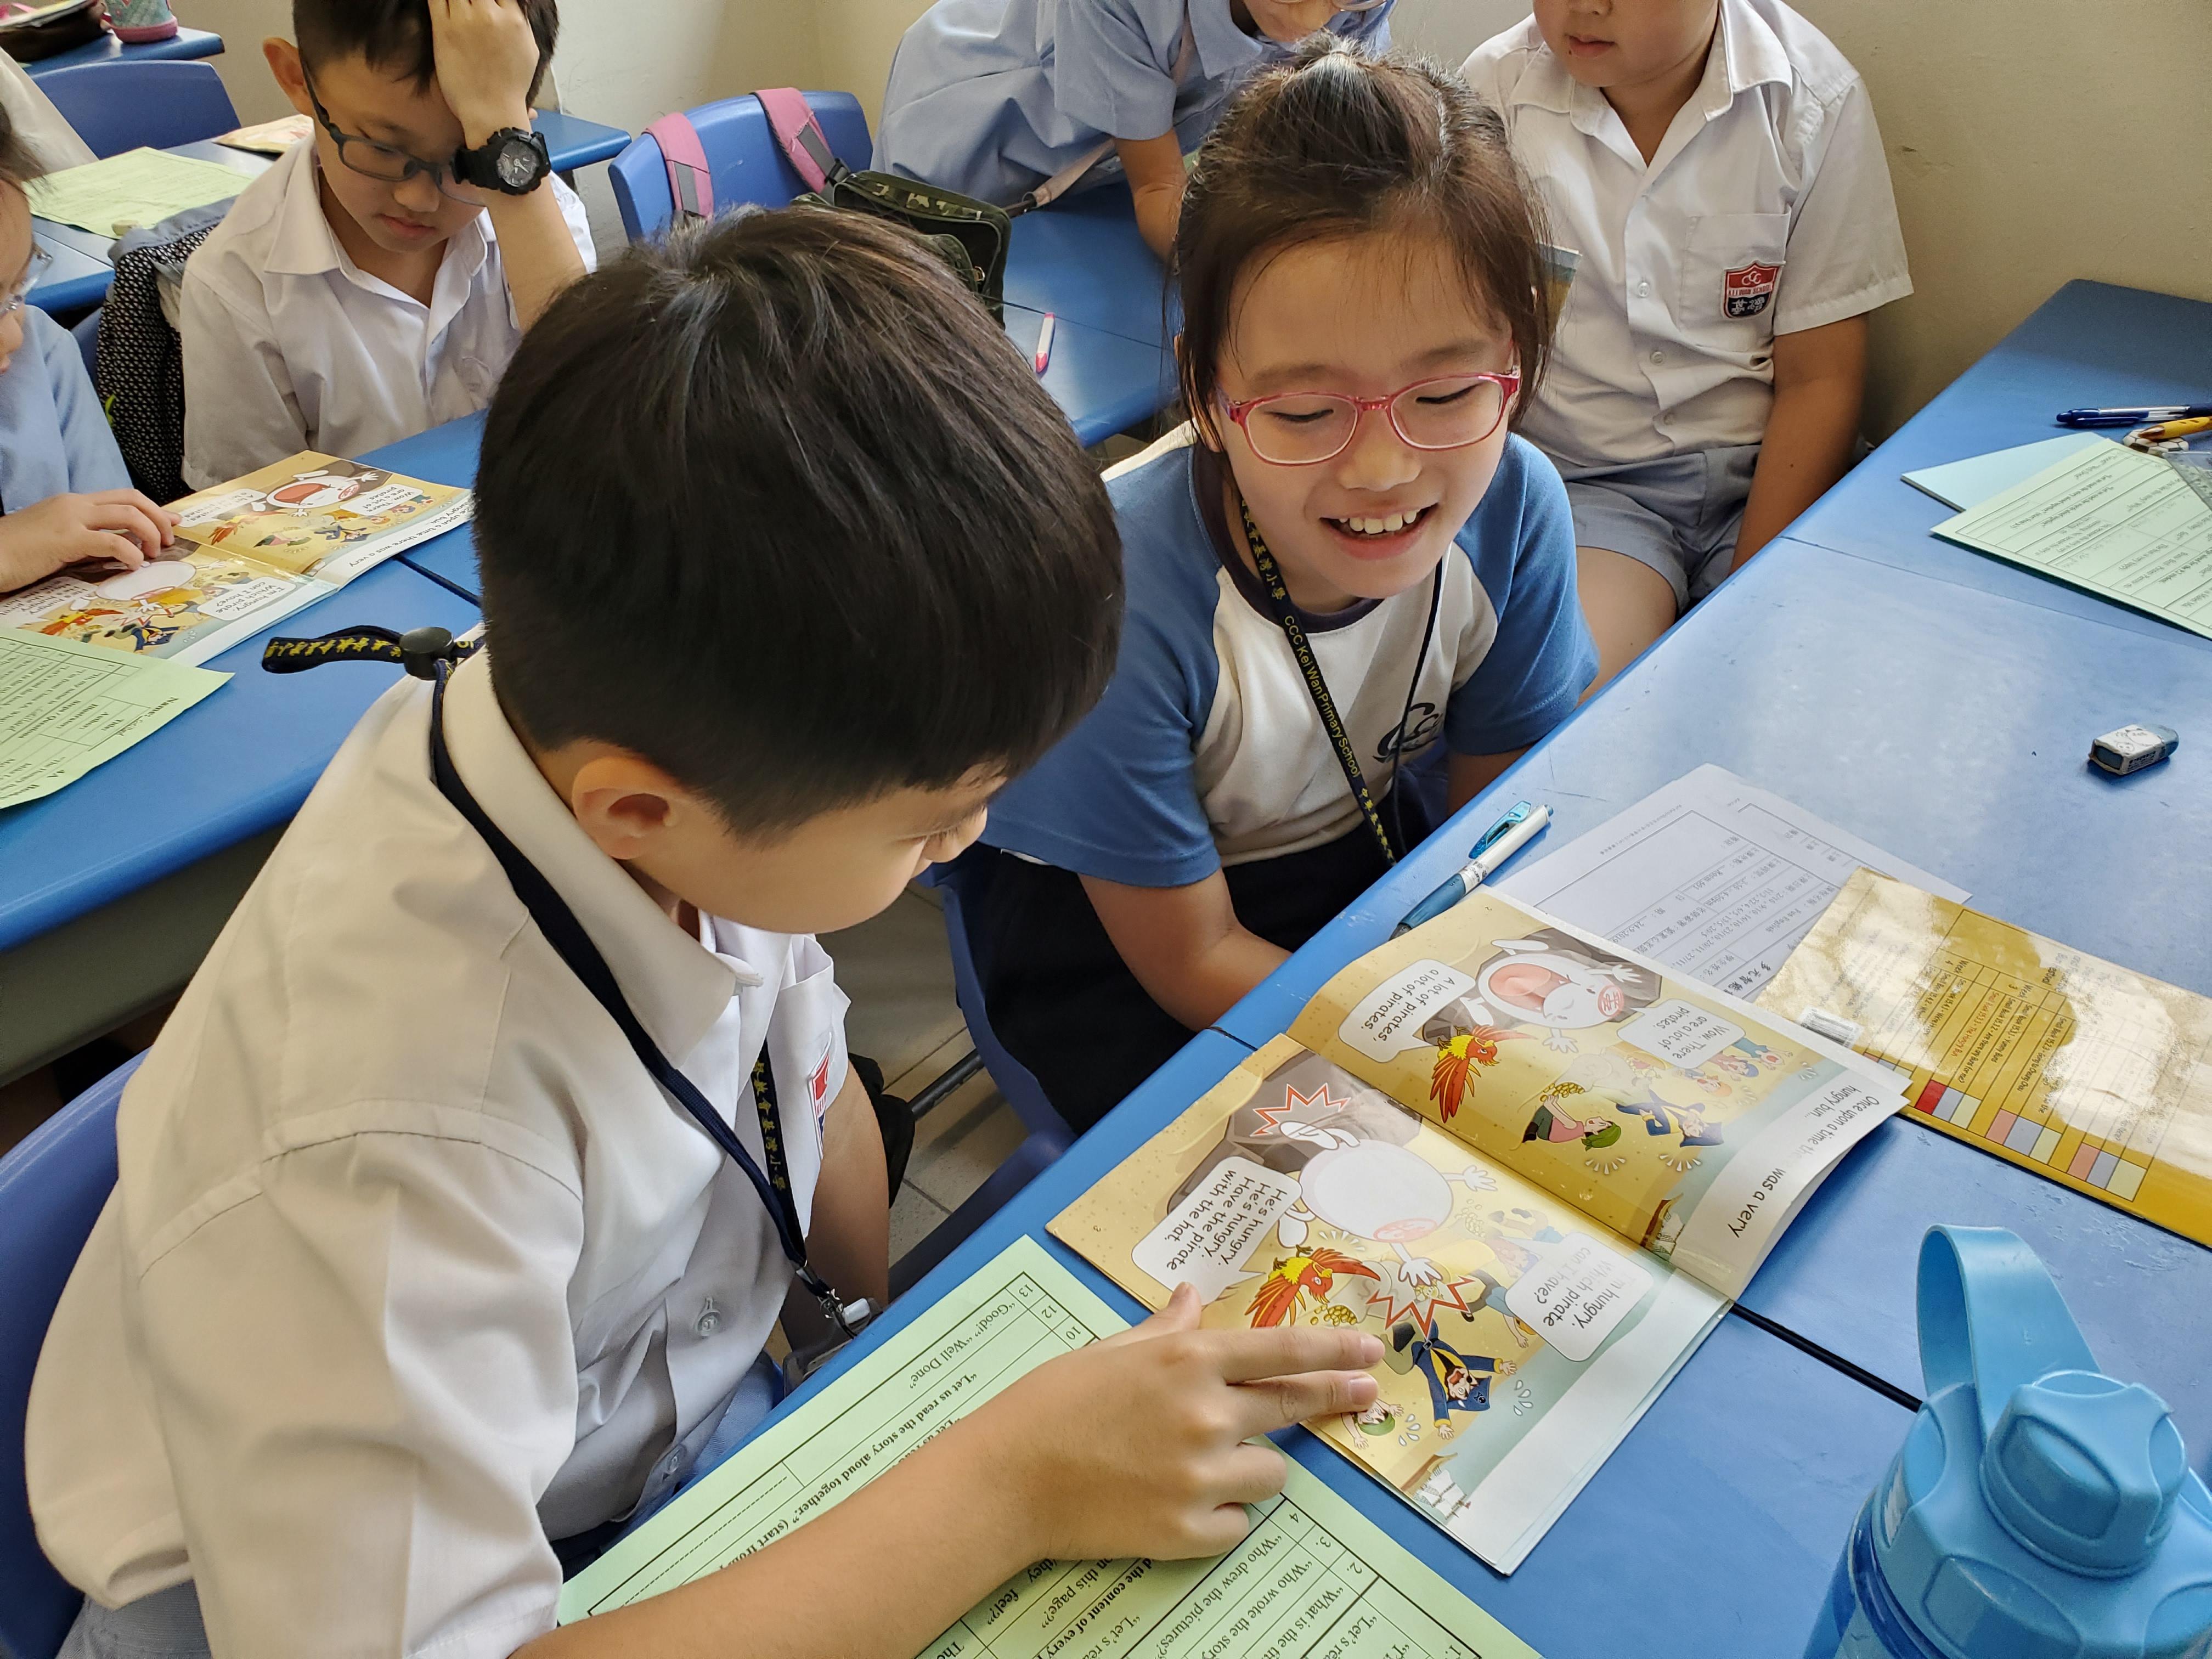 http://www.keiwan.edu.hk/sites/default/files/8_3.jpg